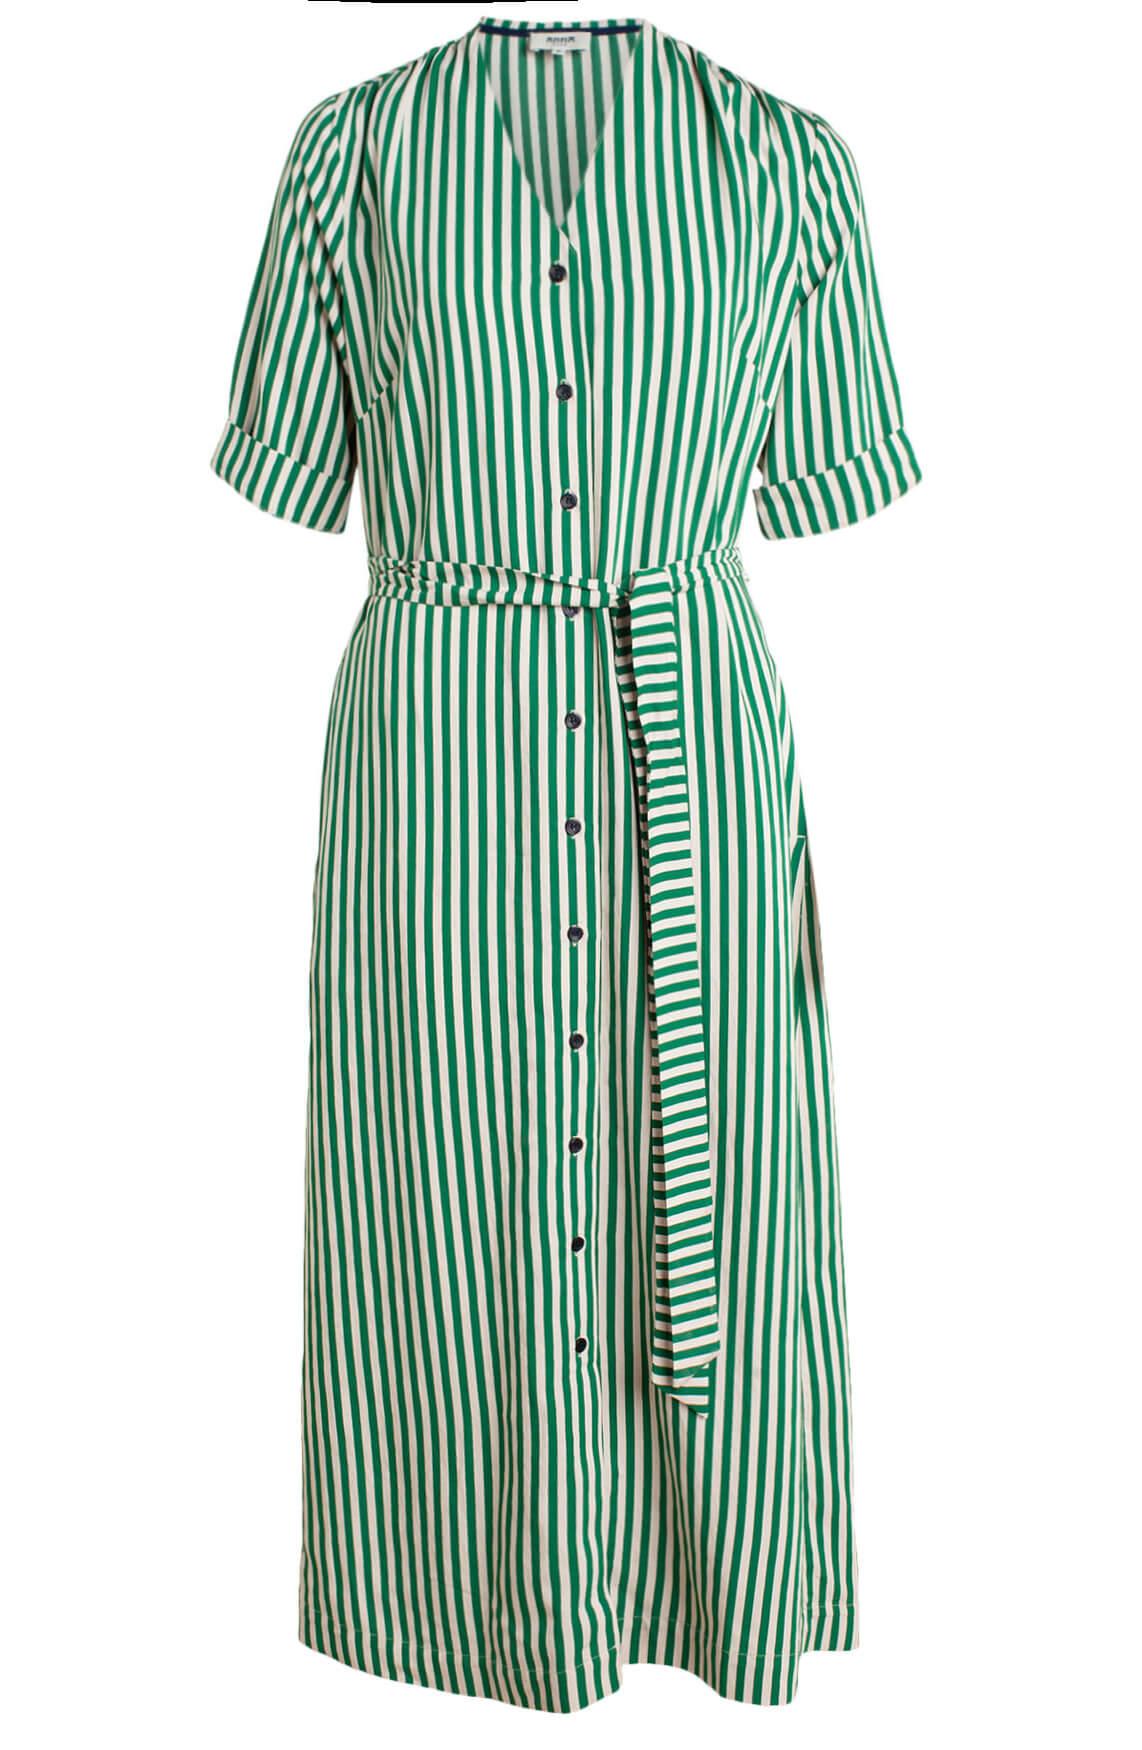 Anna Blue Dames Gestreepte blousejurk groen